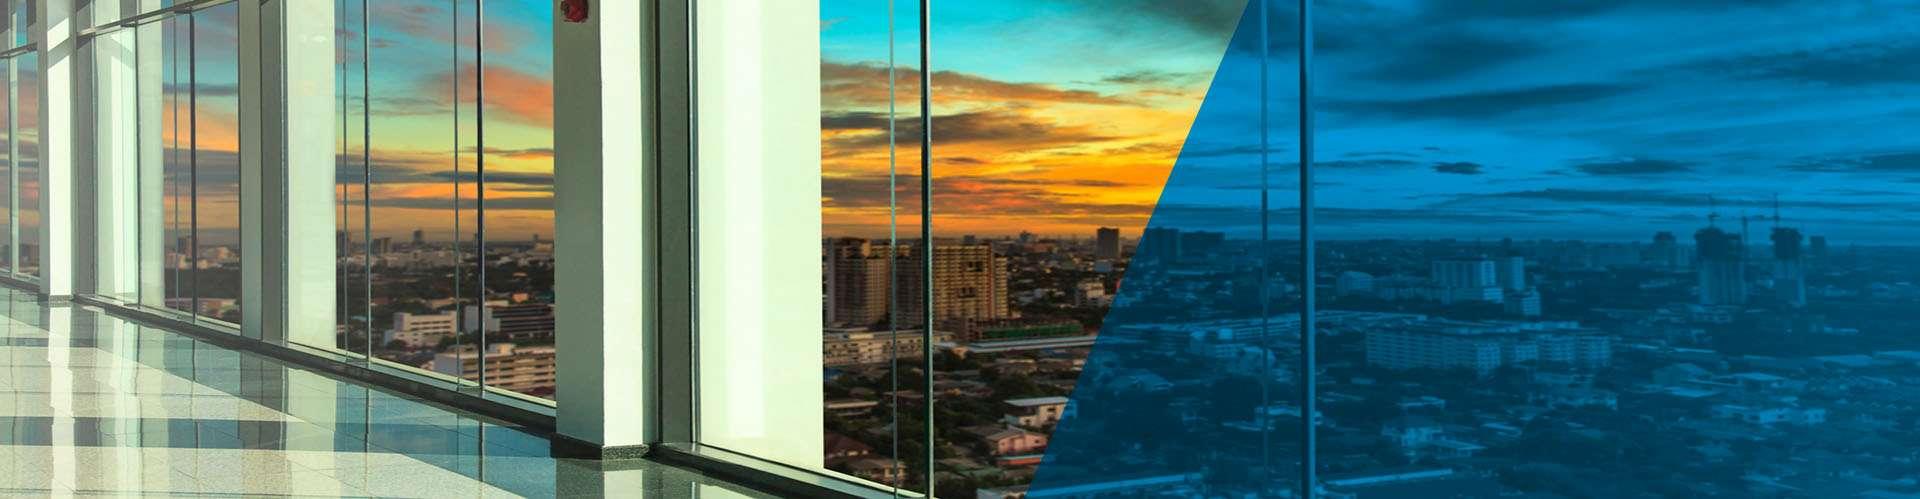 Full Size of Fenster Gnstig Online Kaufen Kunststofffenster Aus Aluplast Wohnzimmer Aluplast Erfahrung